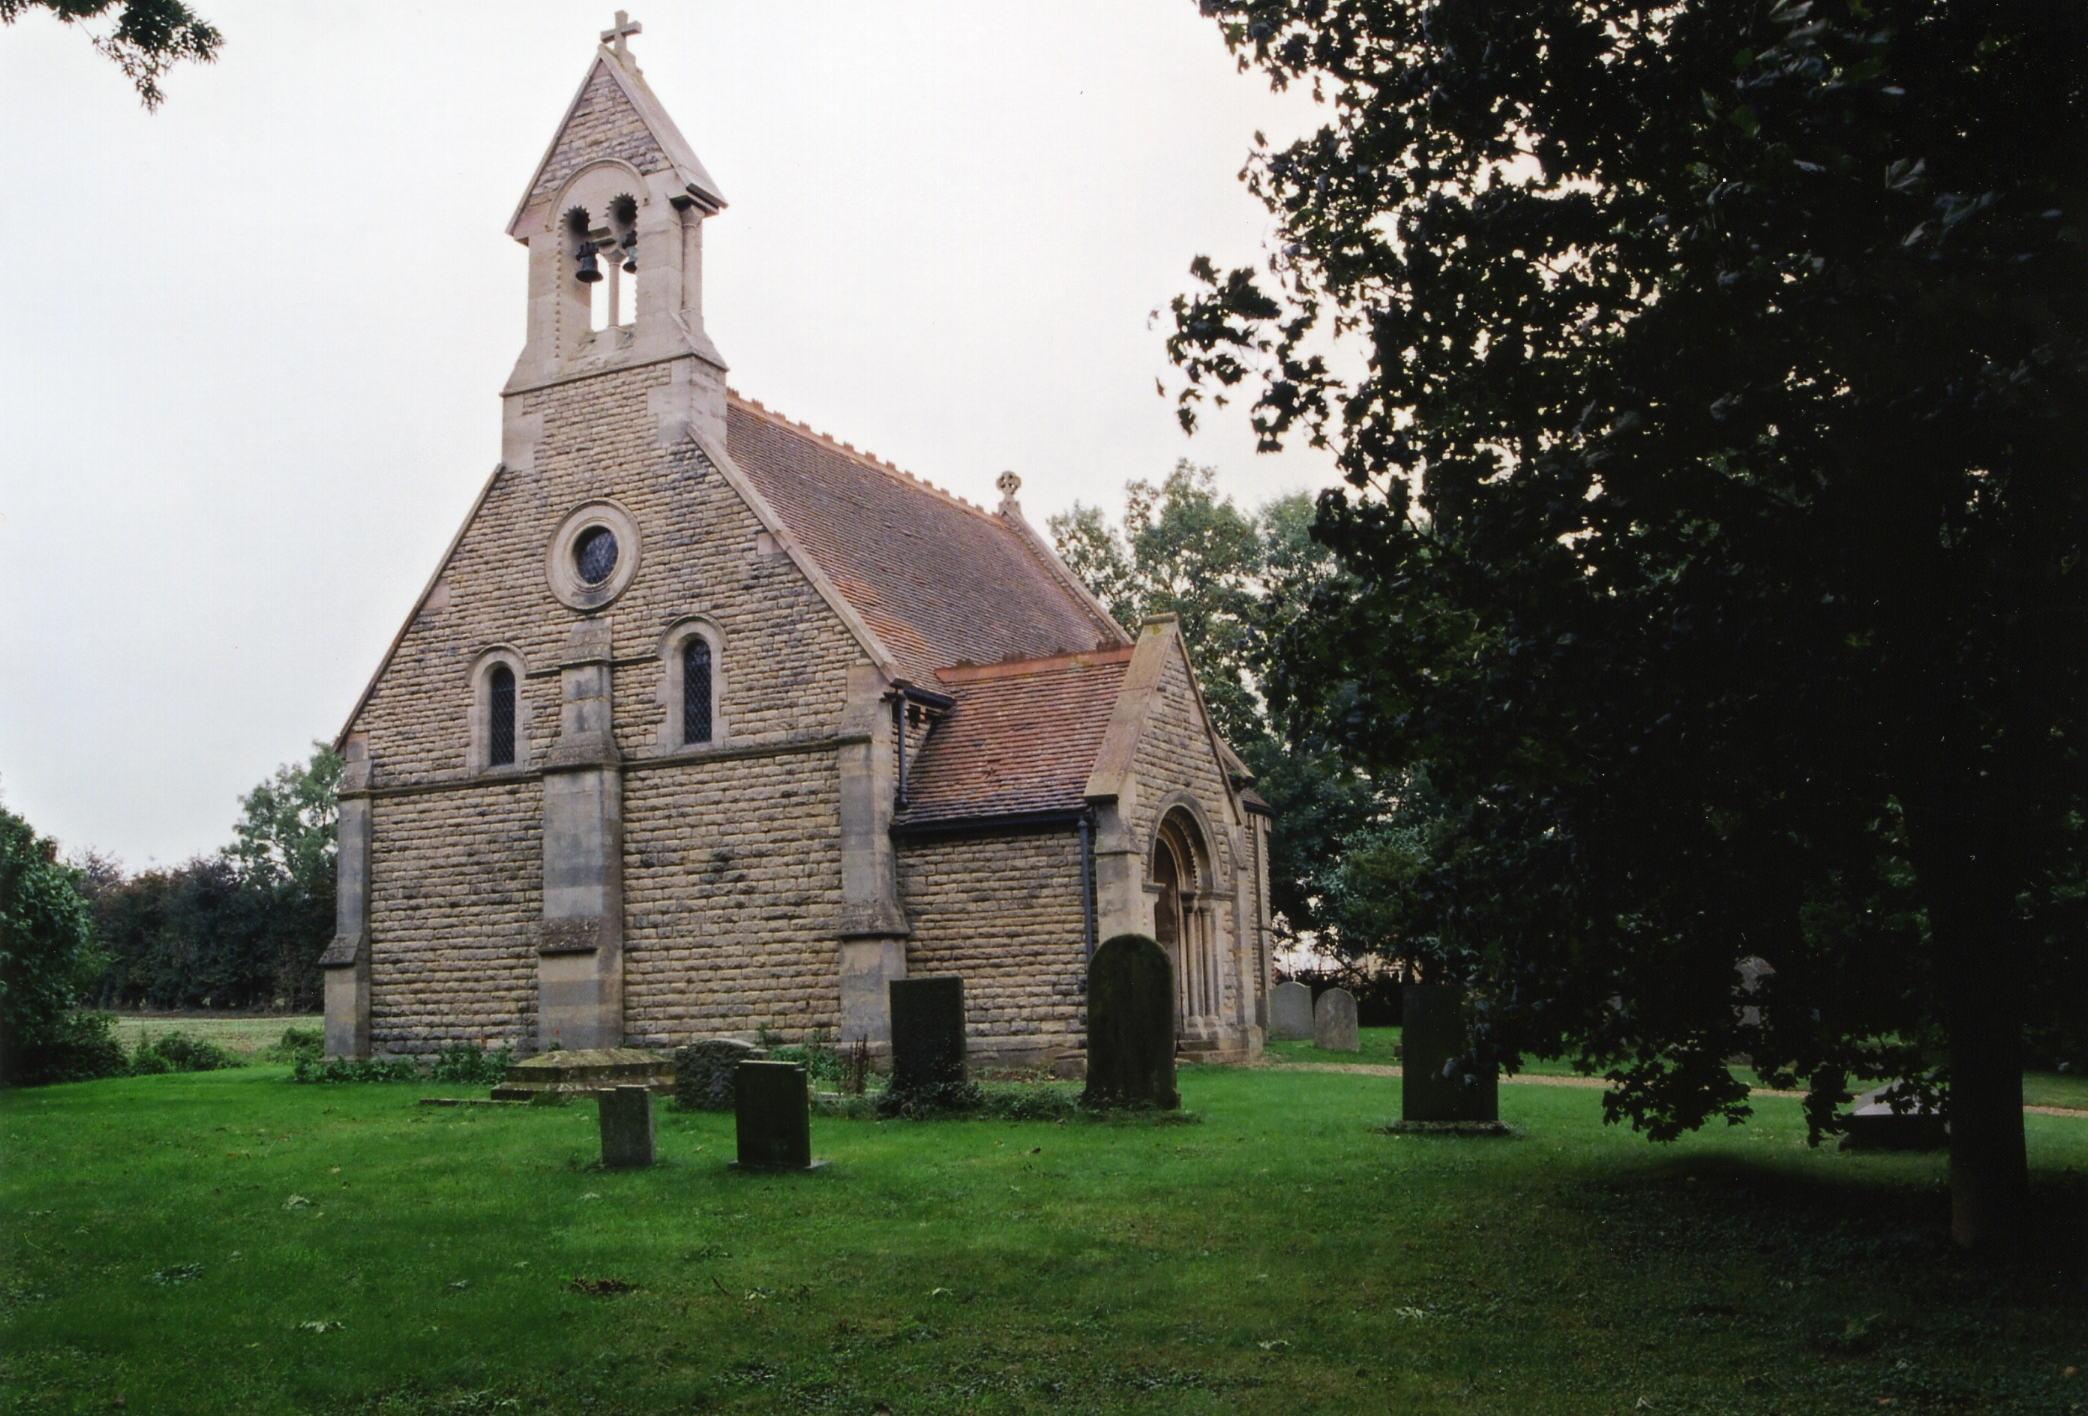 Dembleby Saint Lucia Church